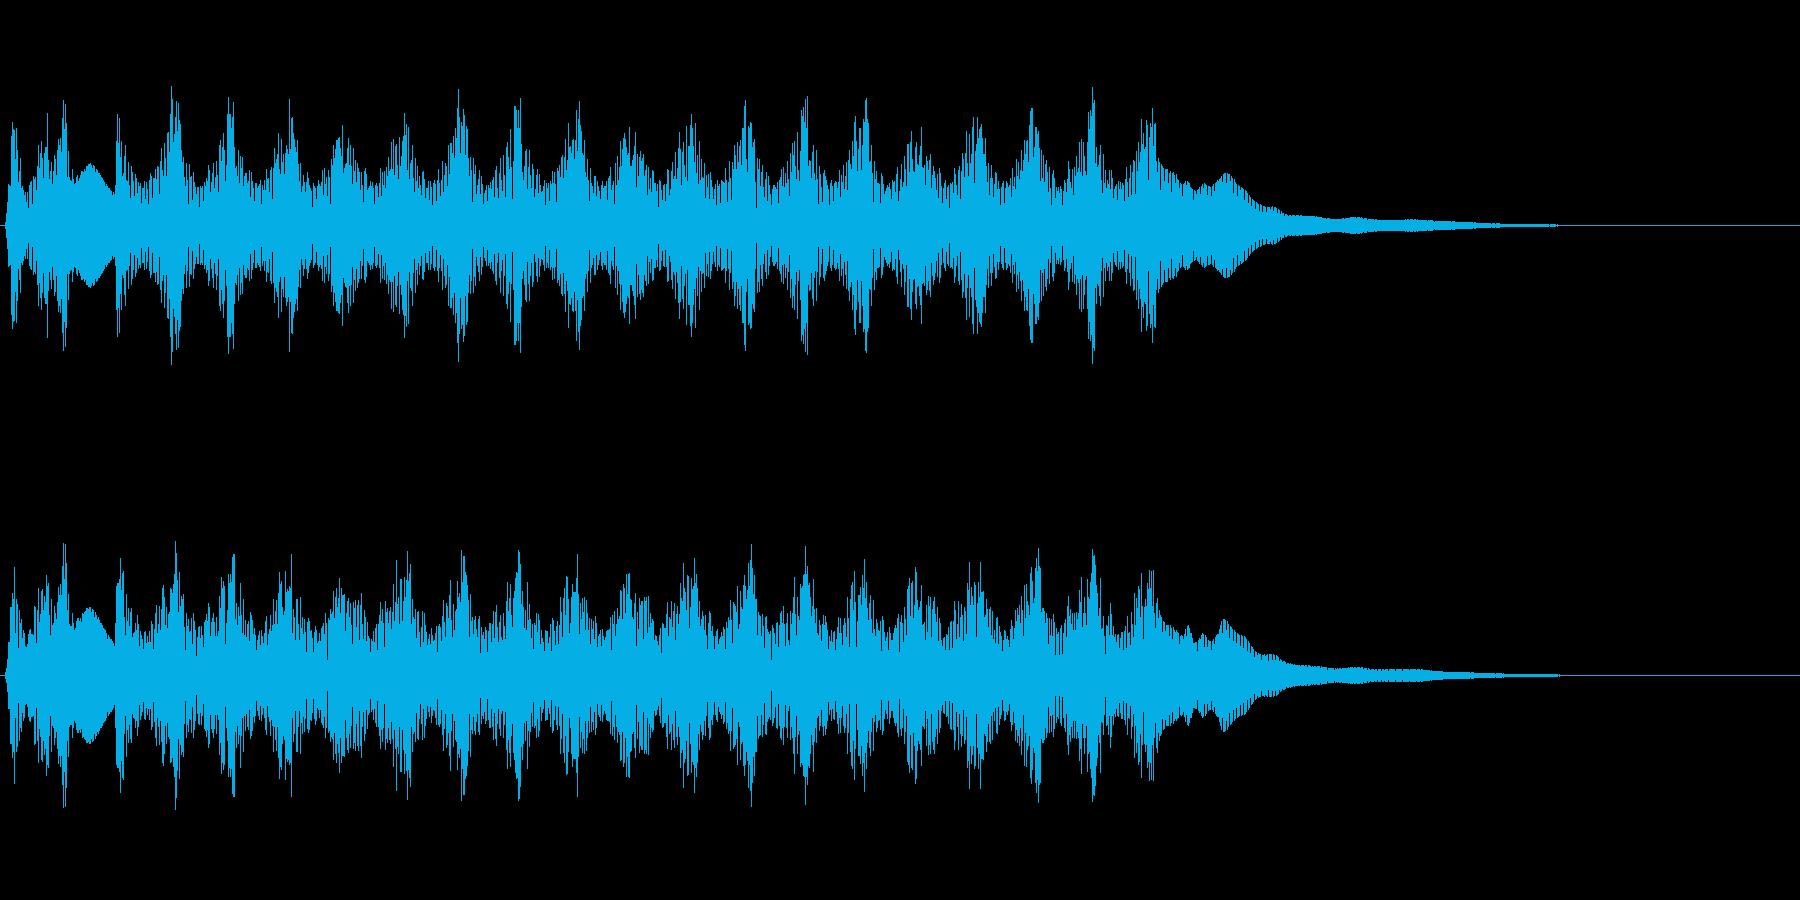 【SE 効果音】ビームの再生済みの波形